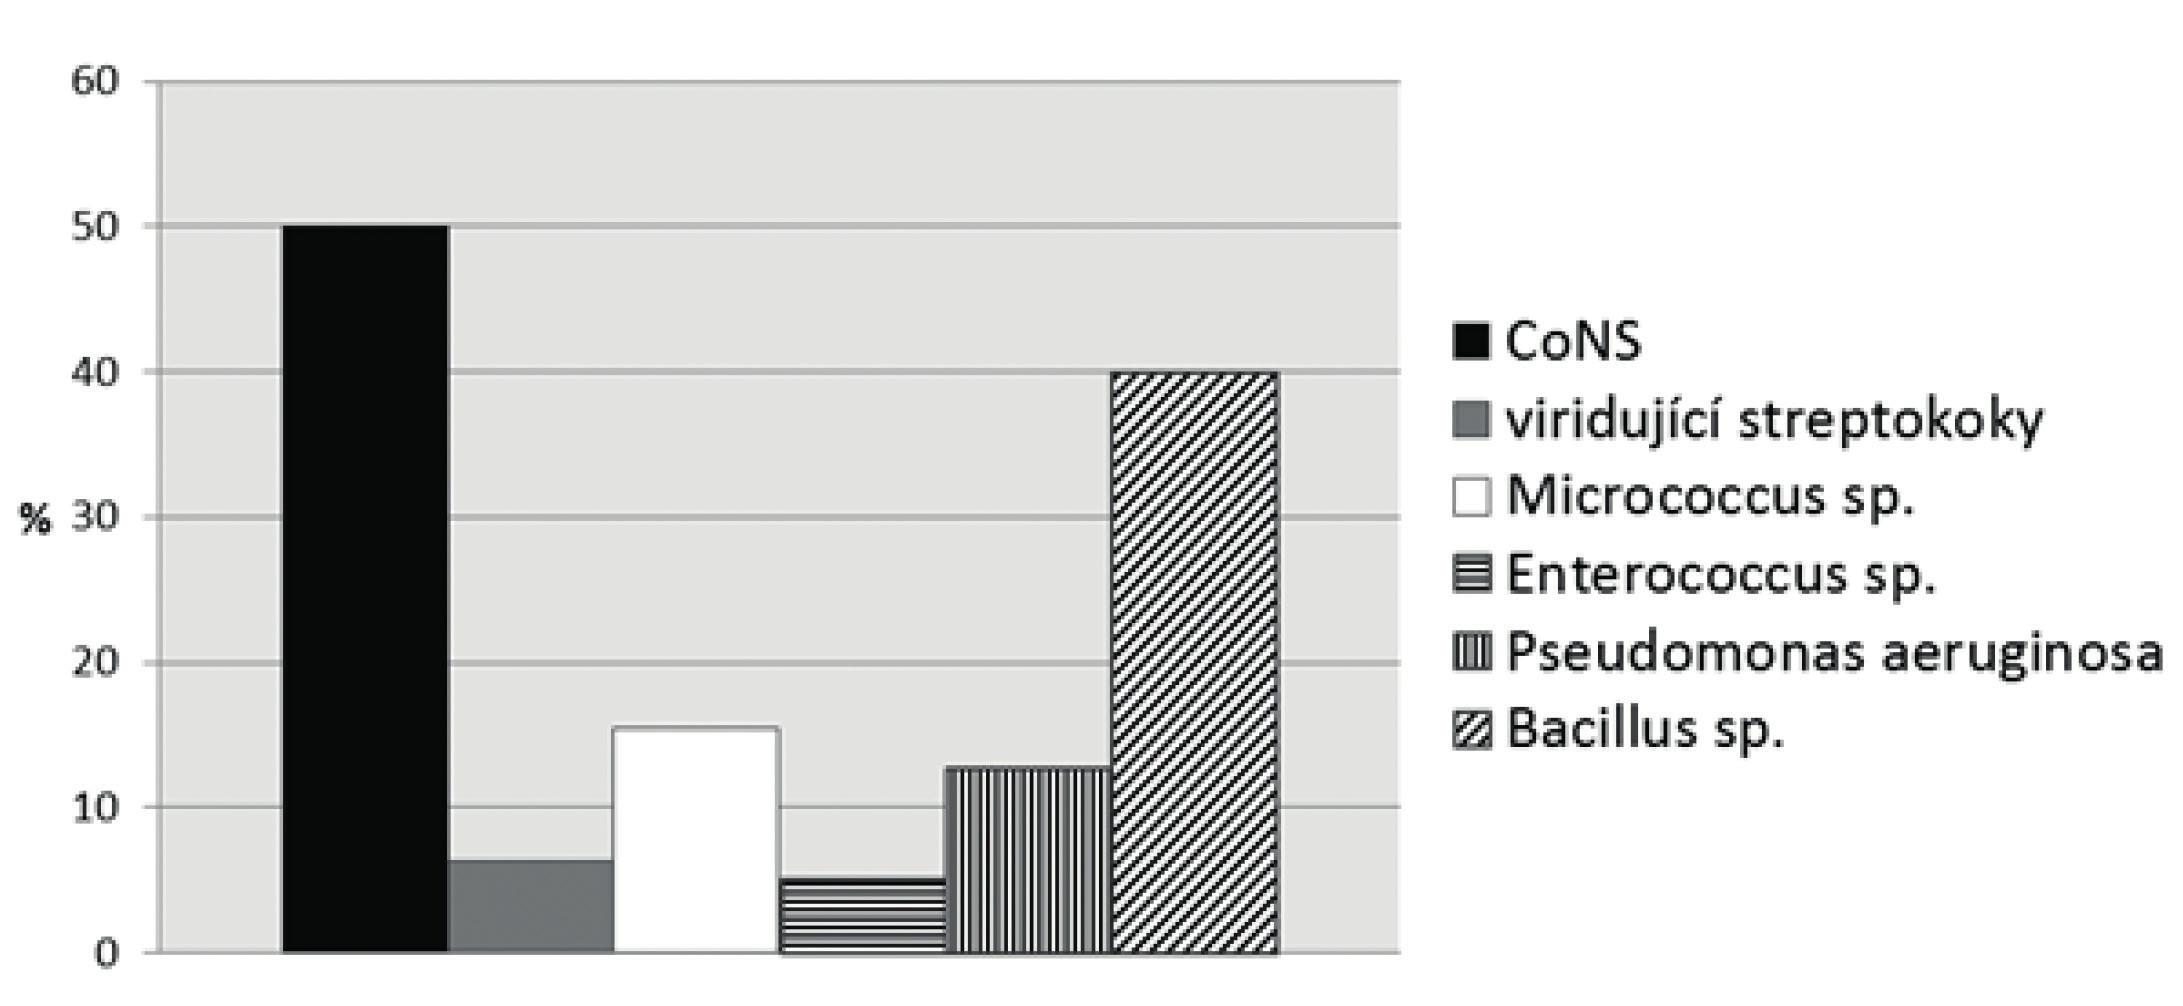 Procentuální zastoupení prokázaných mikrobů v prostorech ortodontické ambulance Fig. 1 Percentage distribution of the microbes detected in dental offices